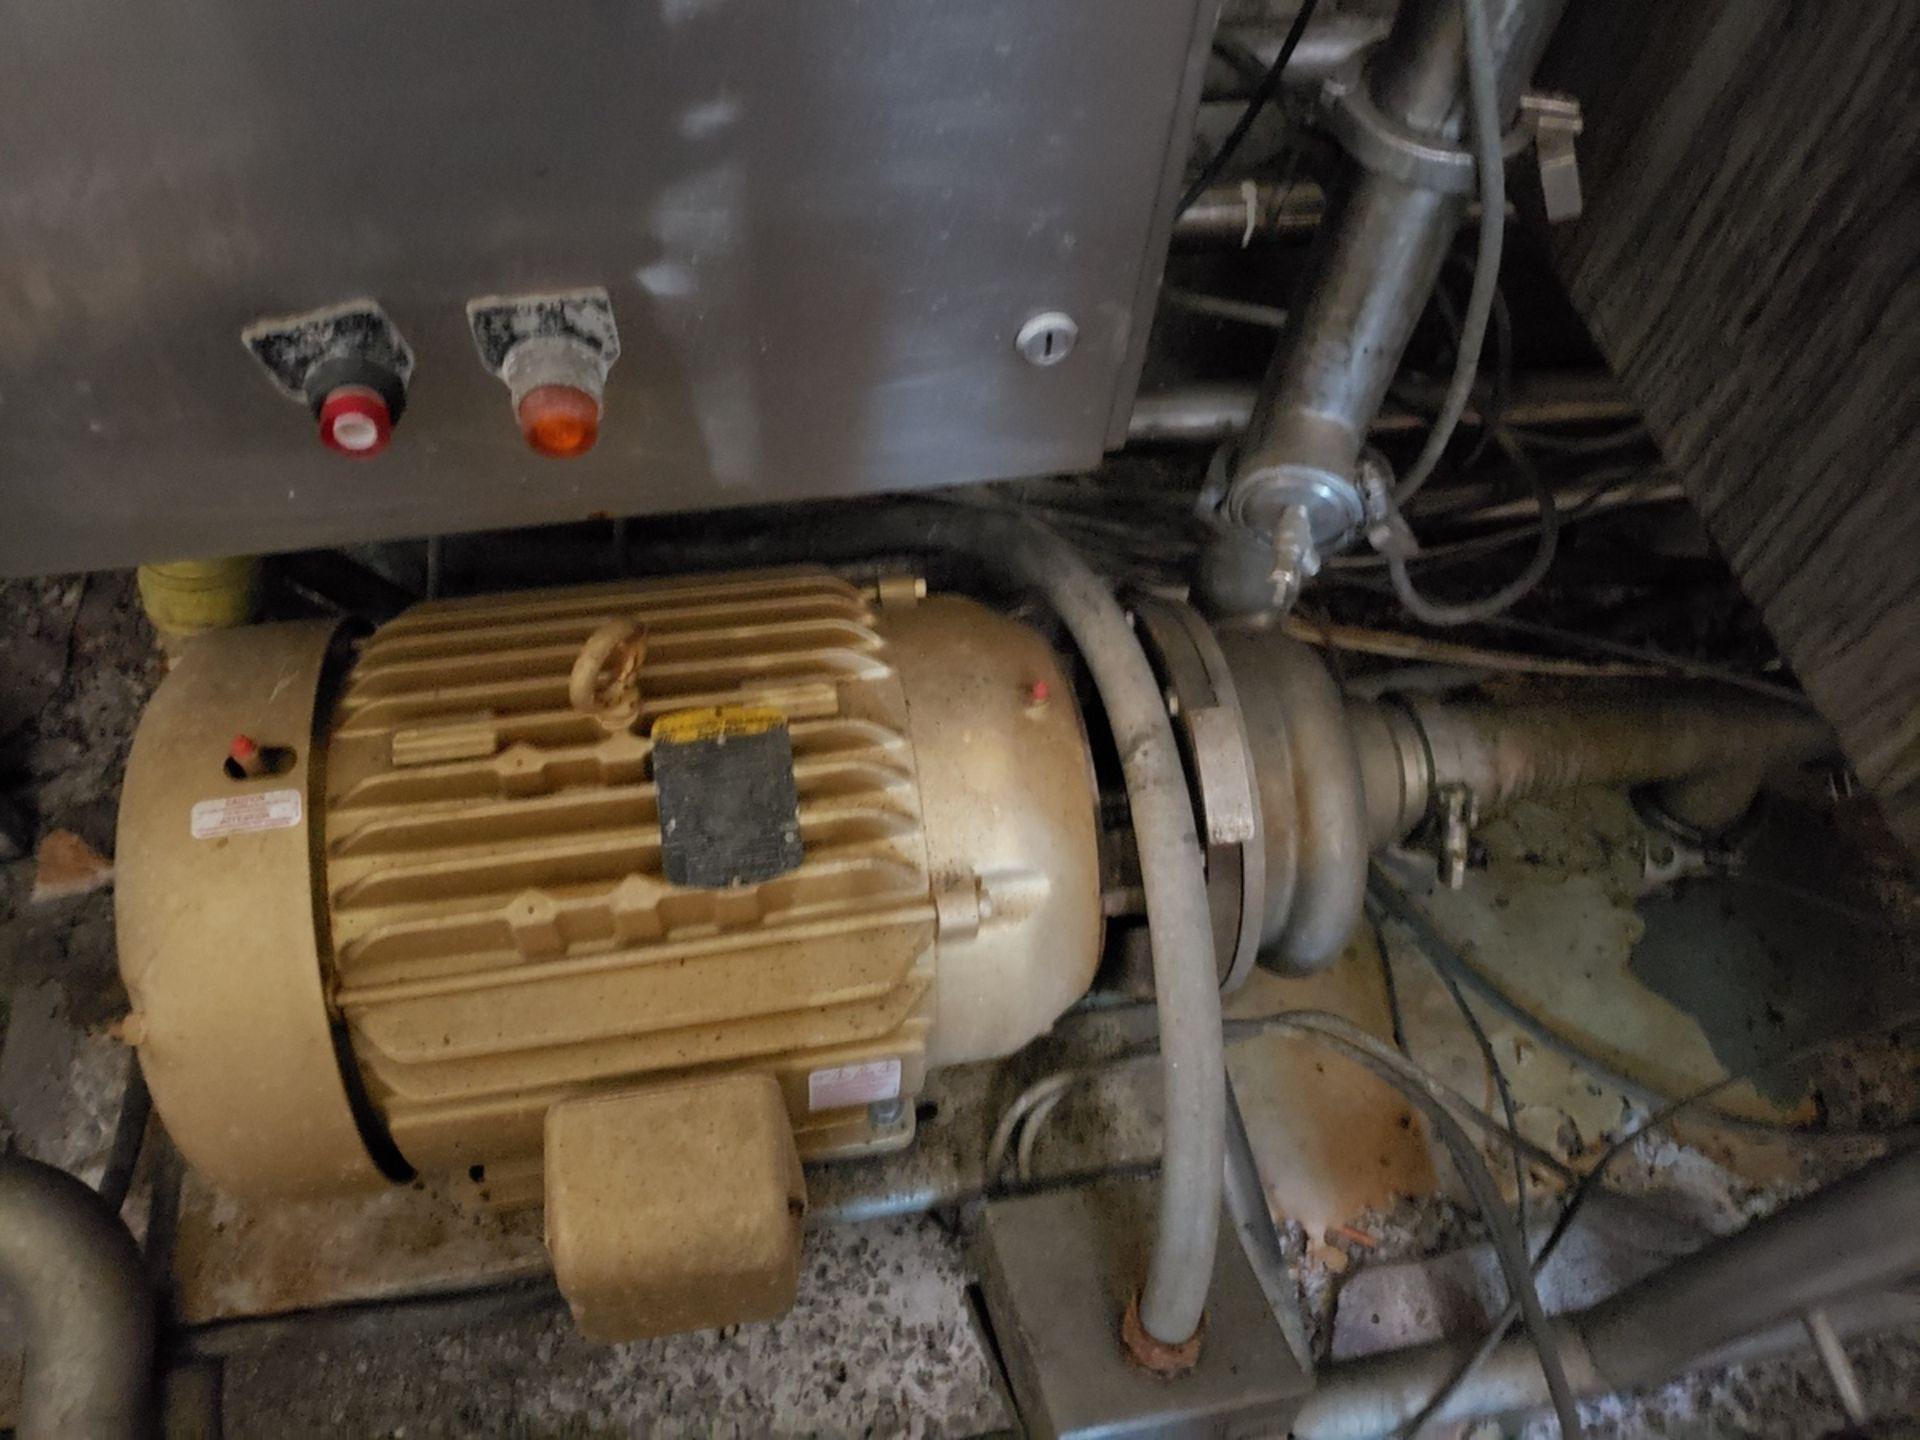 Lot 5 - Klenzade CIP Skid, W/ Heat Exchanger, Ref. ID 0173